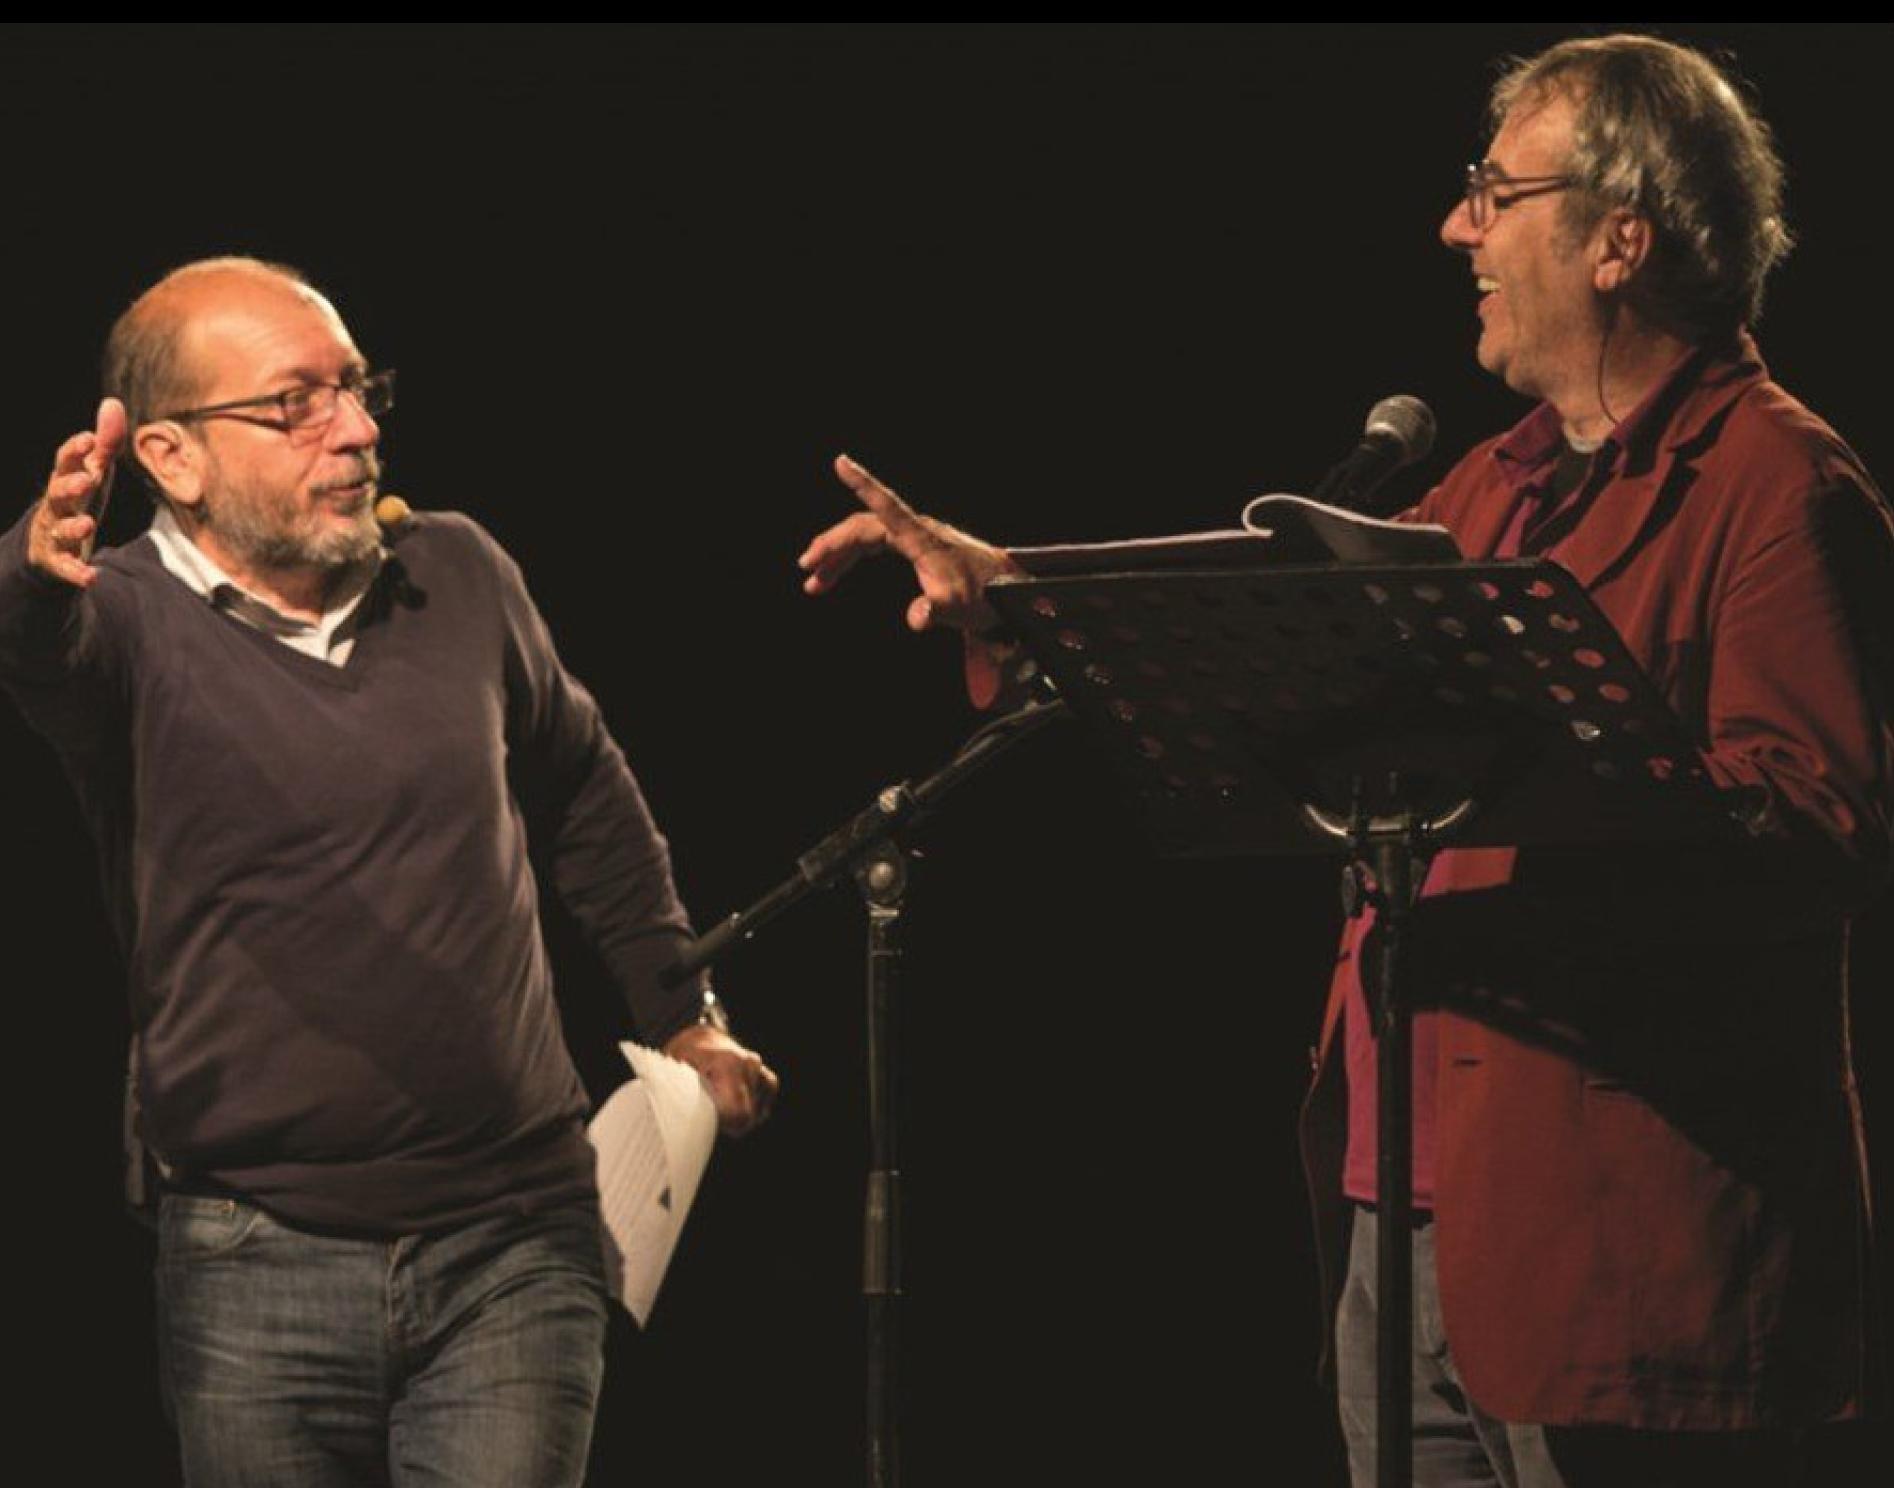 RAFFAELLO, LA FORNARINA, IL CINQUECENTO e altre storie di e con David Riondino e Dario Vergassola